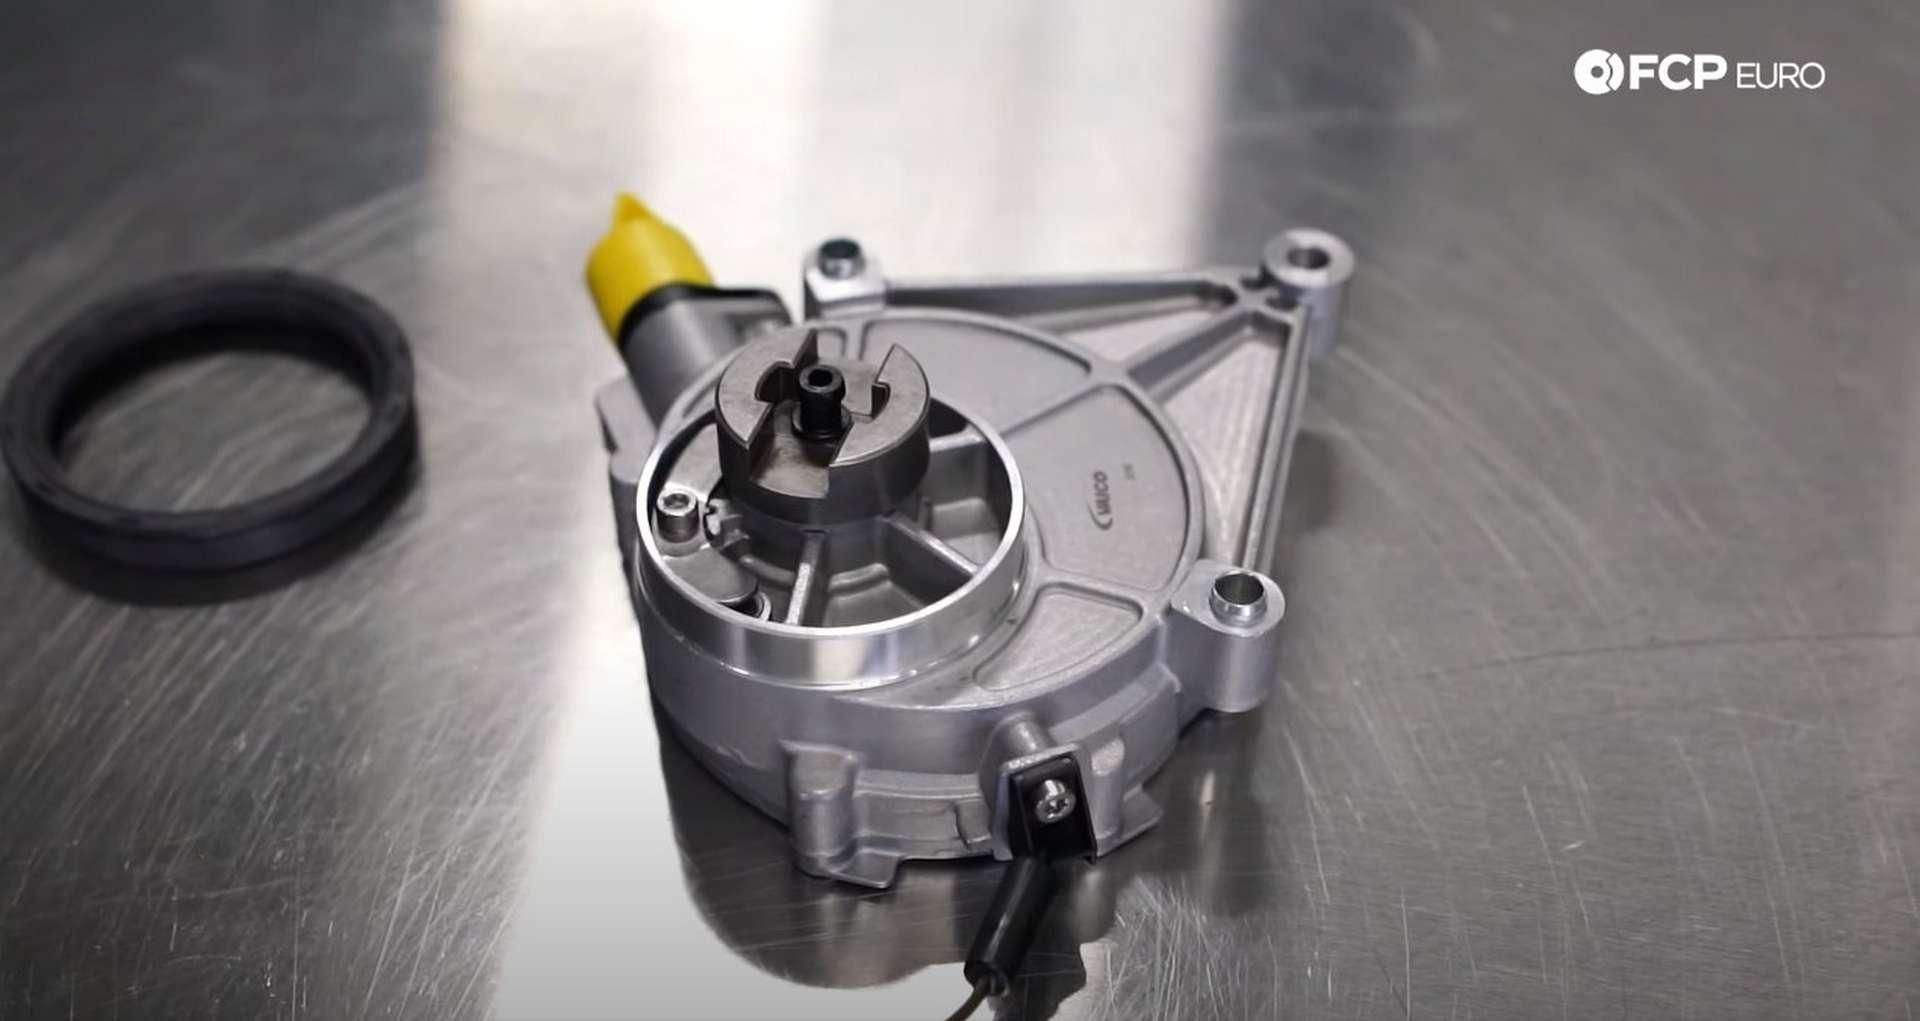 01-TechTip-Vacuum-Pumps-Explained